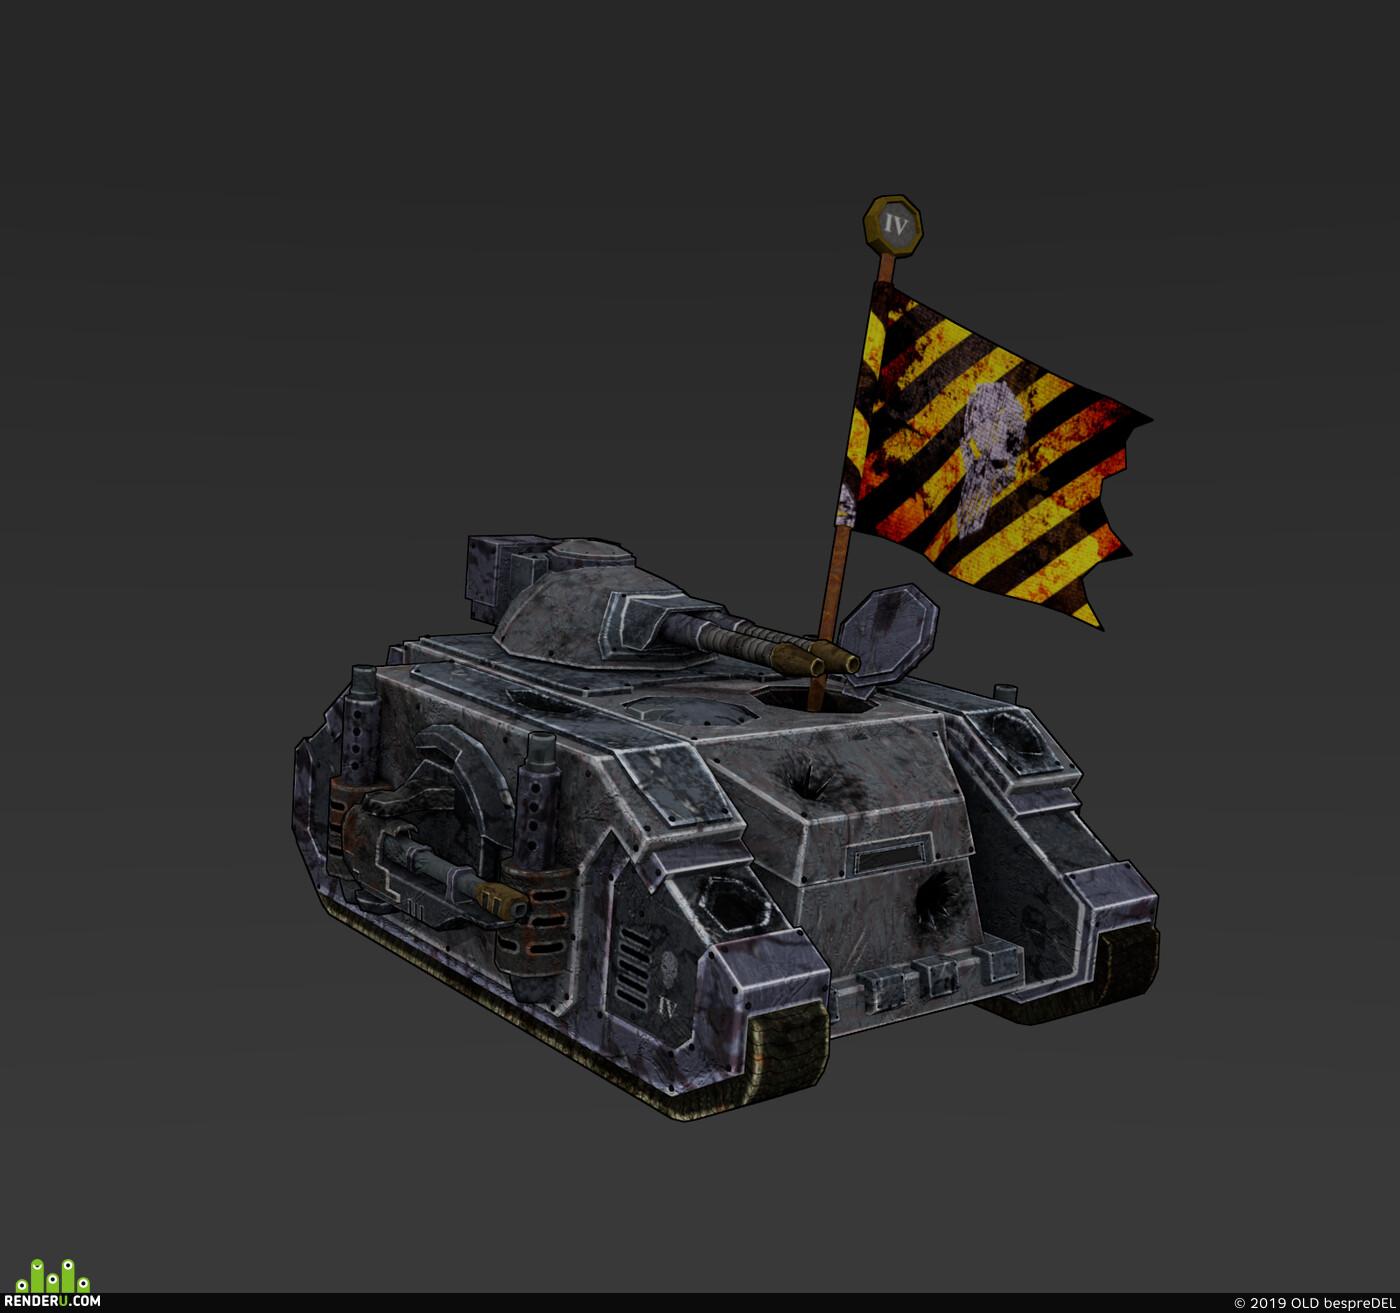 Warhammer40k, Deimos Pattern Predator, 3D Animation, Blender